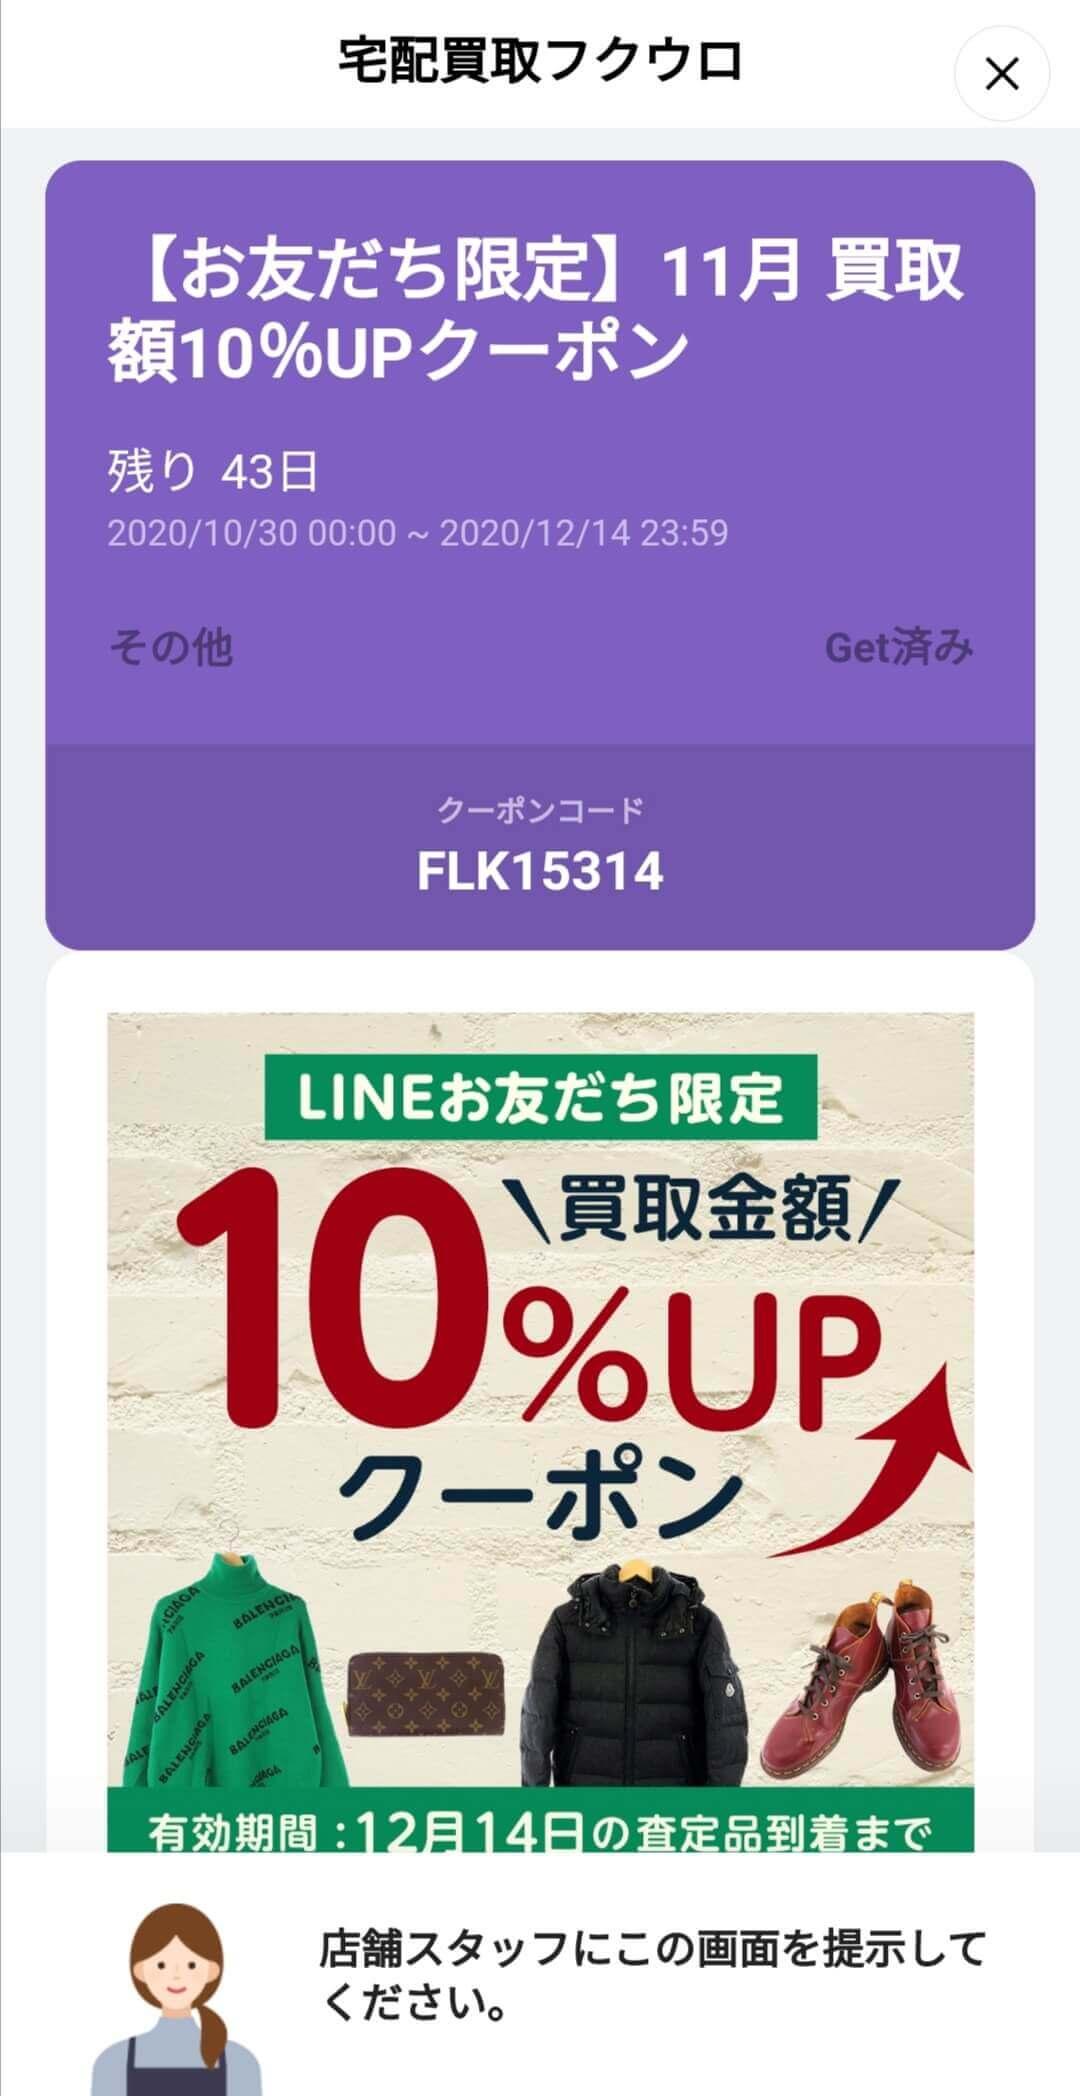 【FLK15314】フクウロクーポン・キャンペーンコード買取金額10%UP【11月】